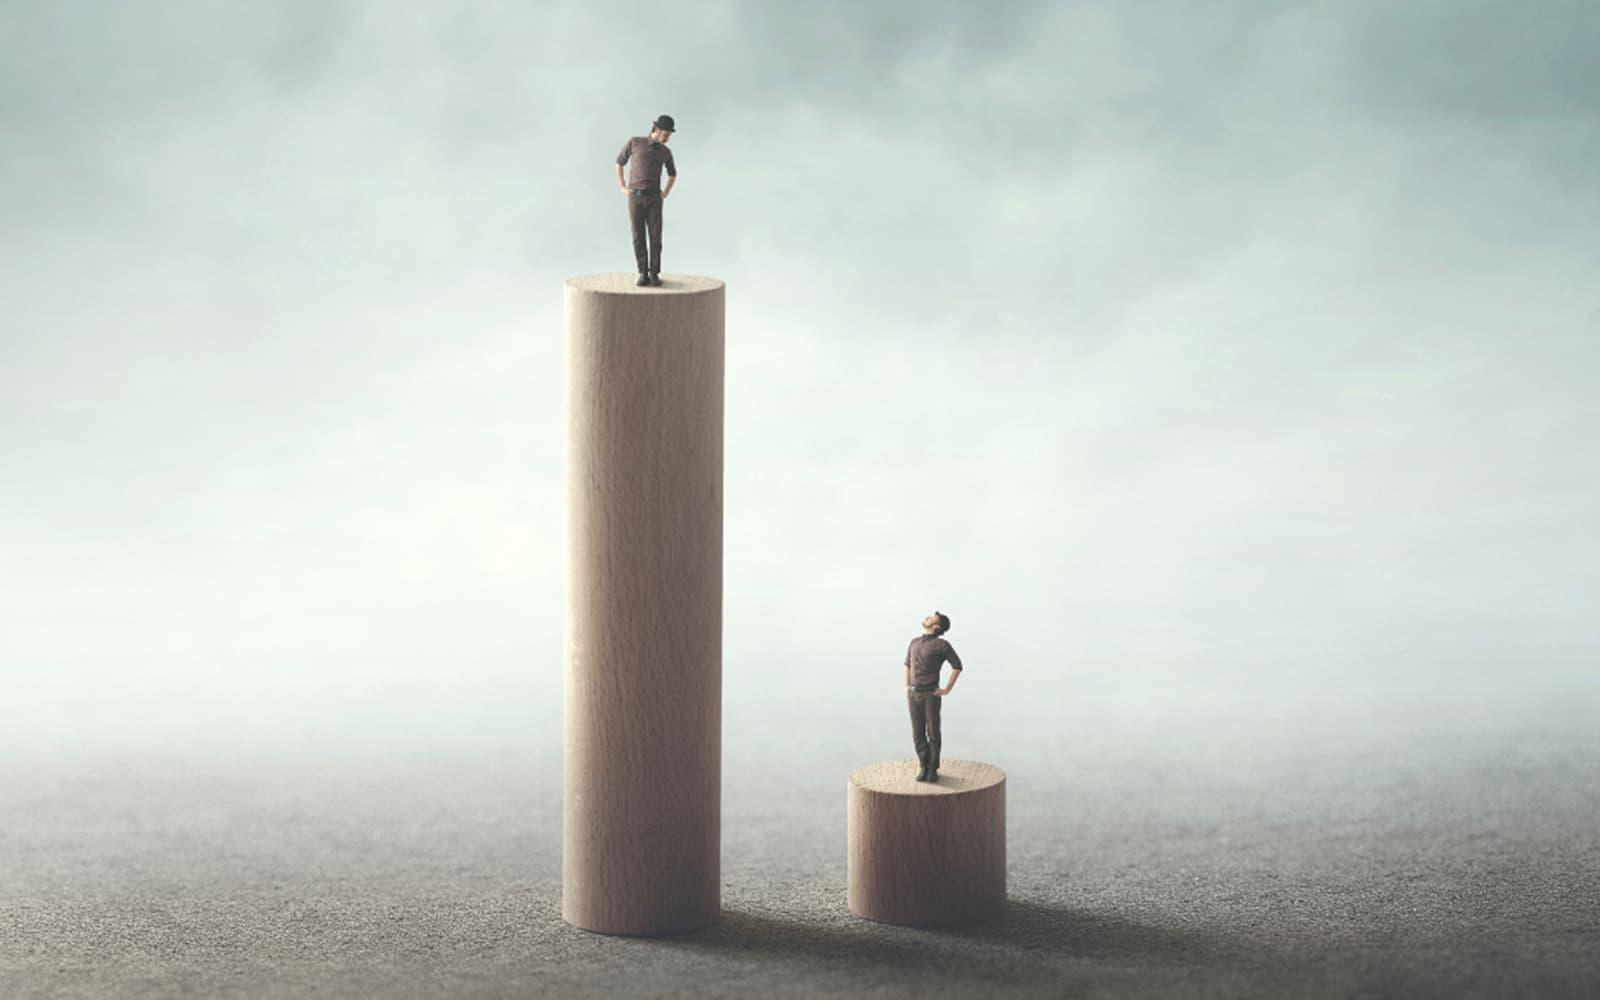 Deux personnes se tiennent du des colonnes de grandeurs différentes afin d'illustrer les inégalités.